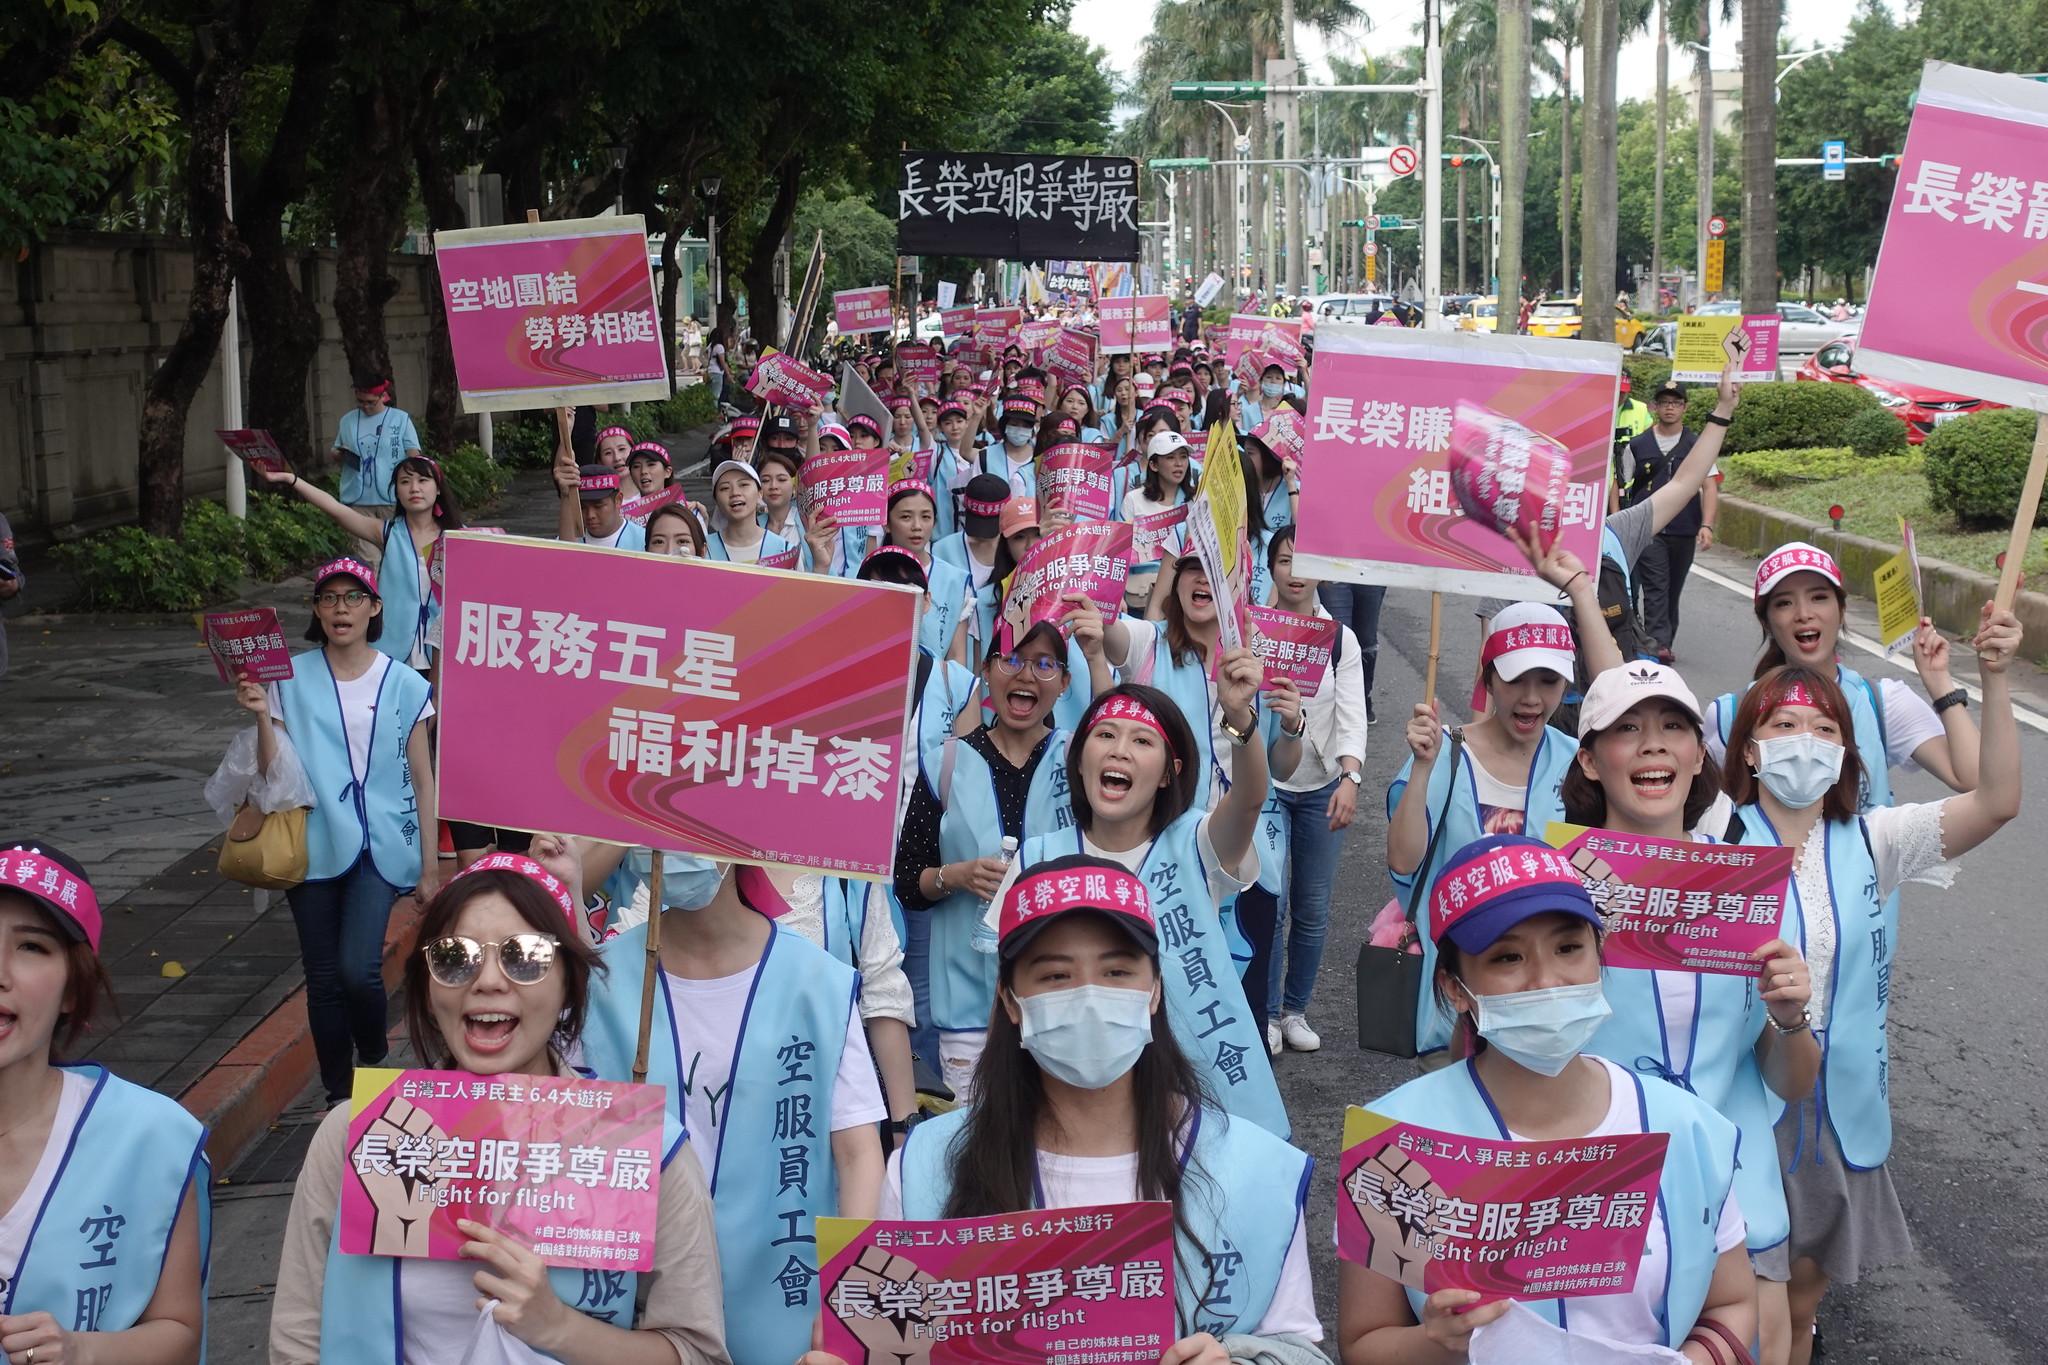 工會估計超過八百人參加遊行。(攝影:張智琦)